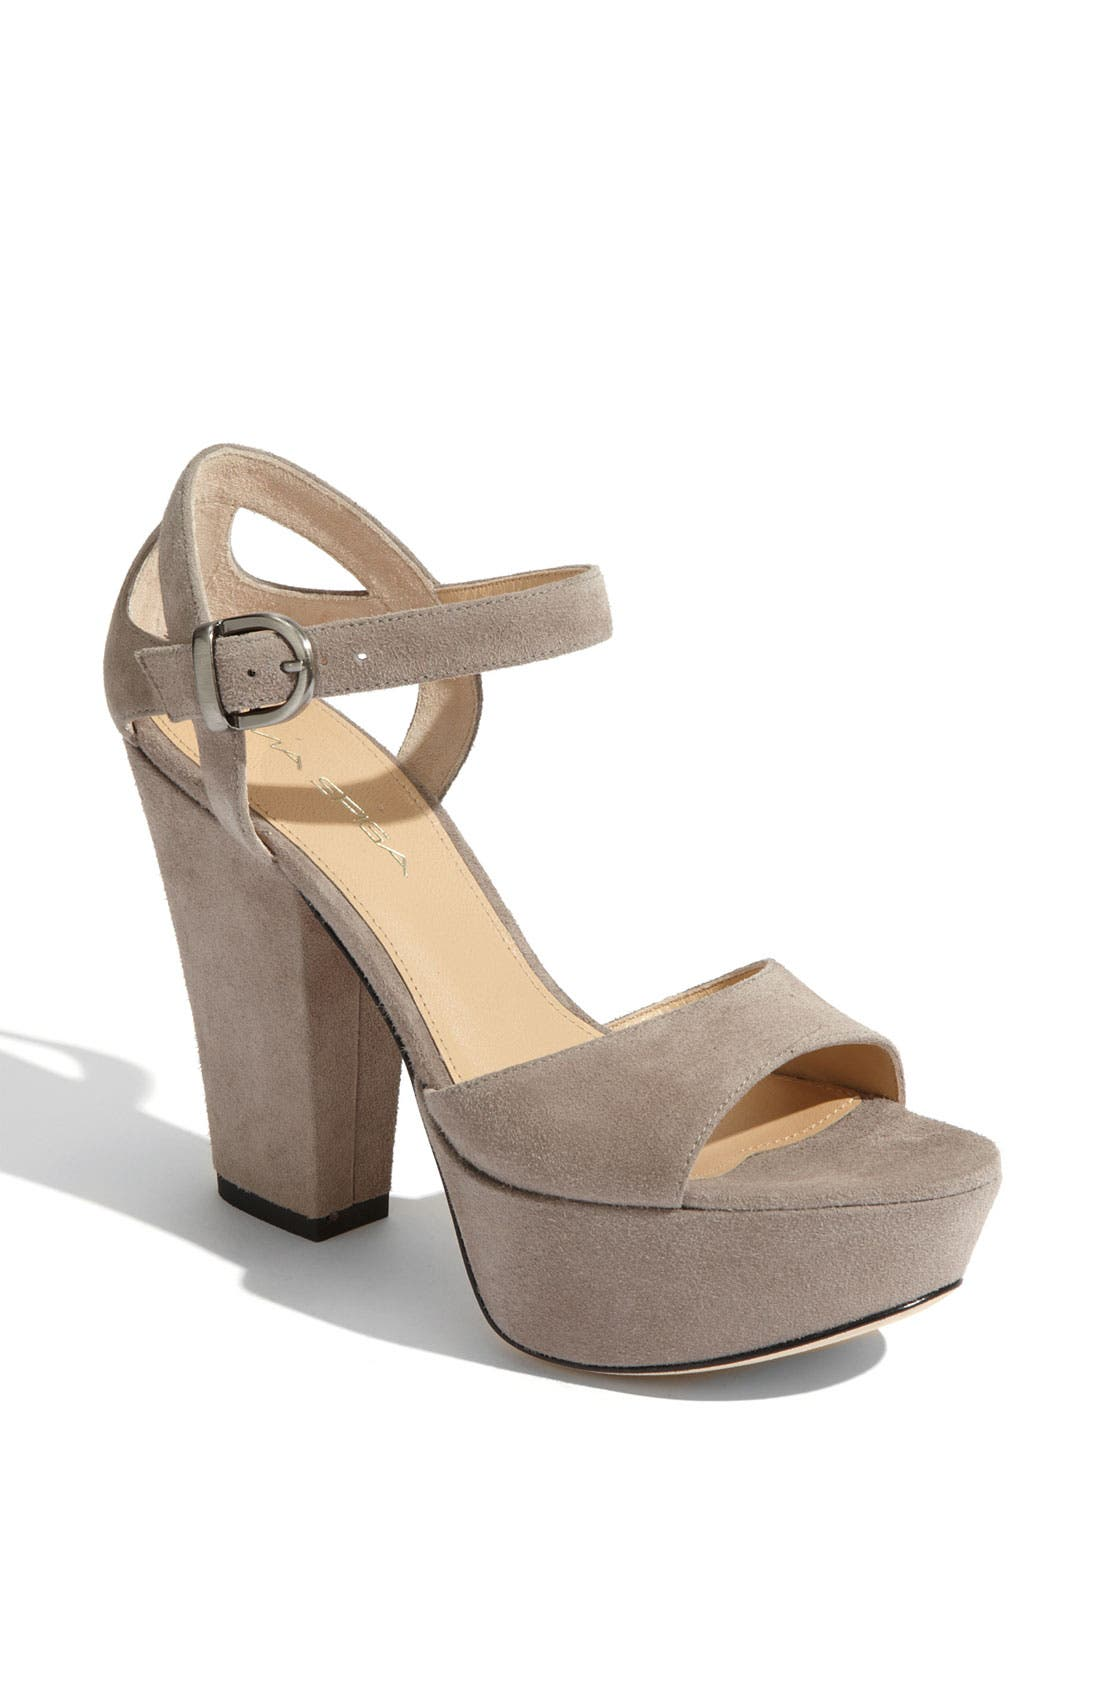 Alternate Image 1 Selected - Via Spiga 'Vanita' Sandal